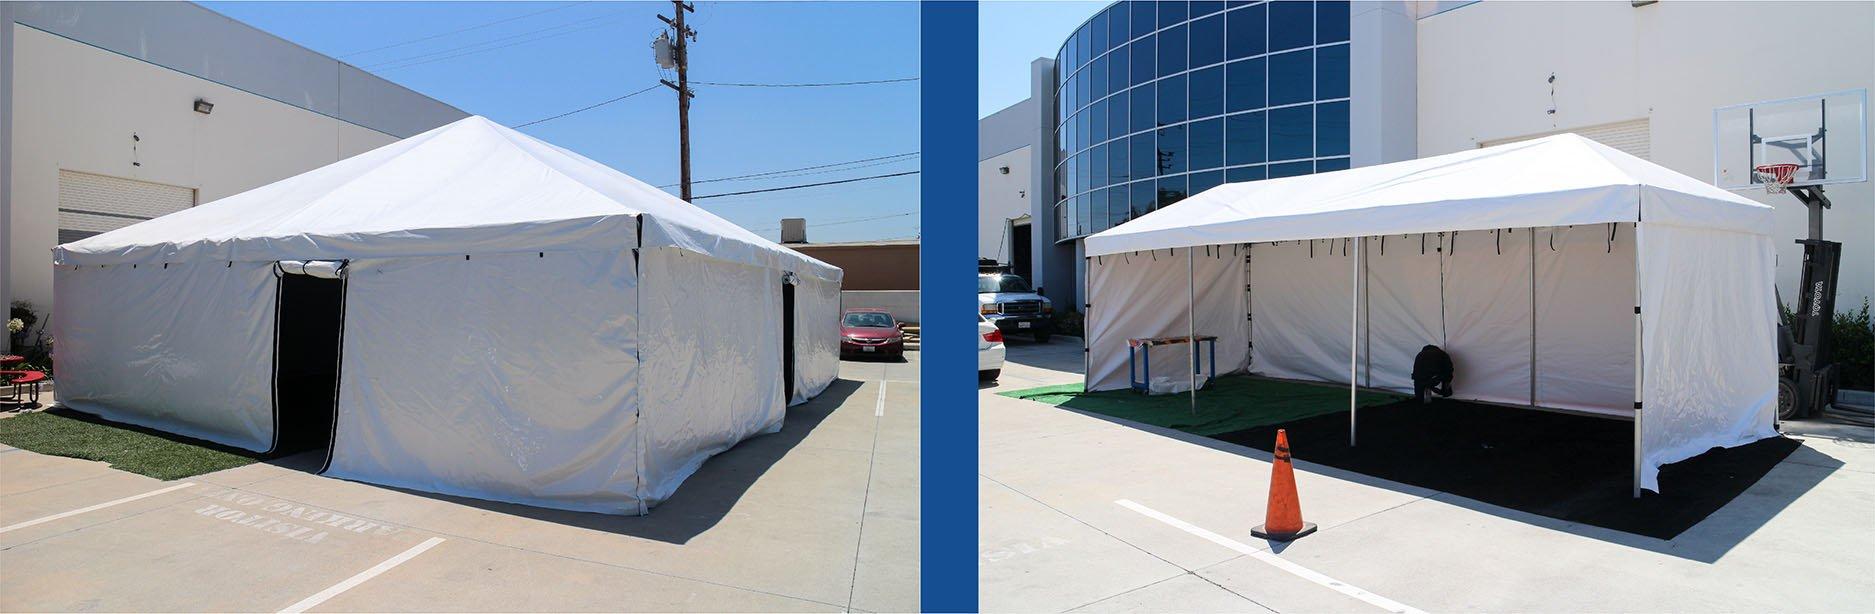 medical-tents